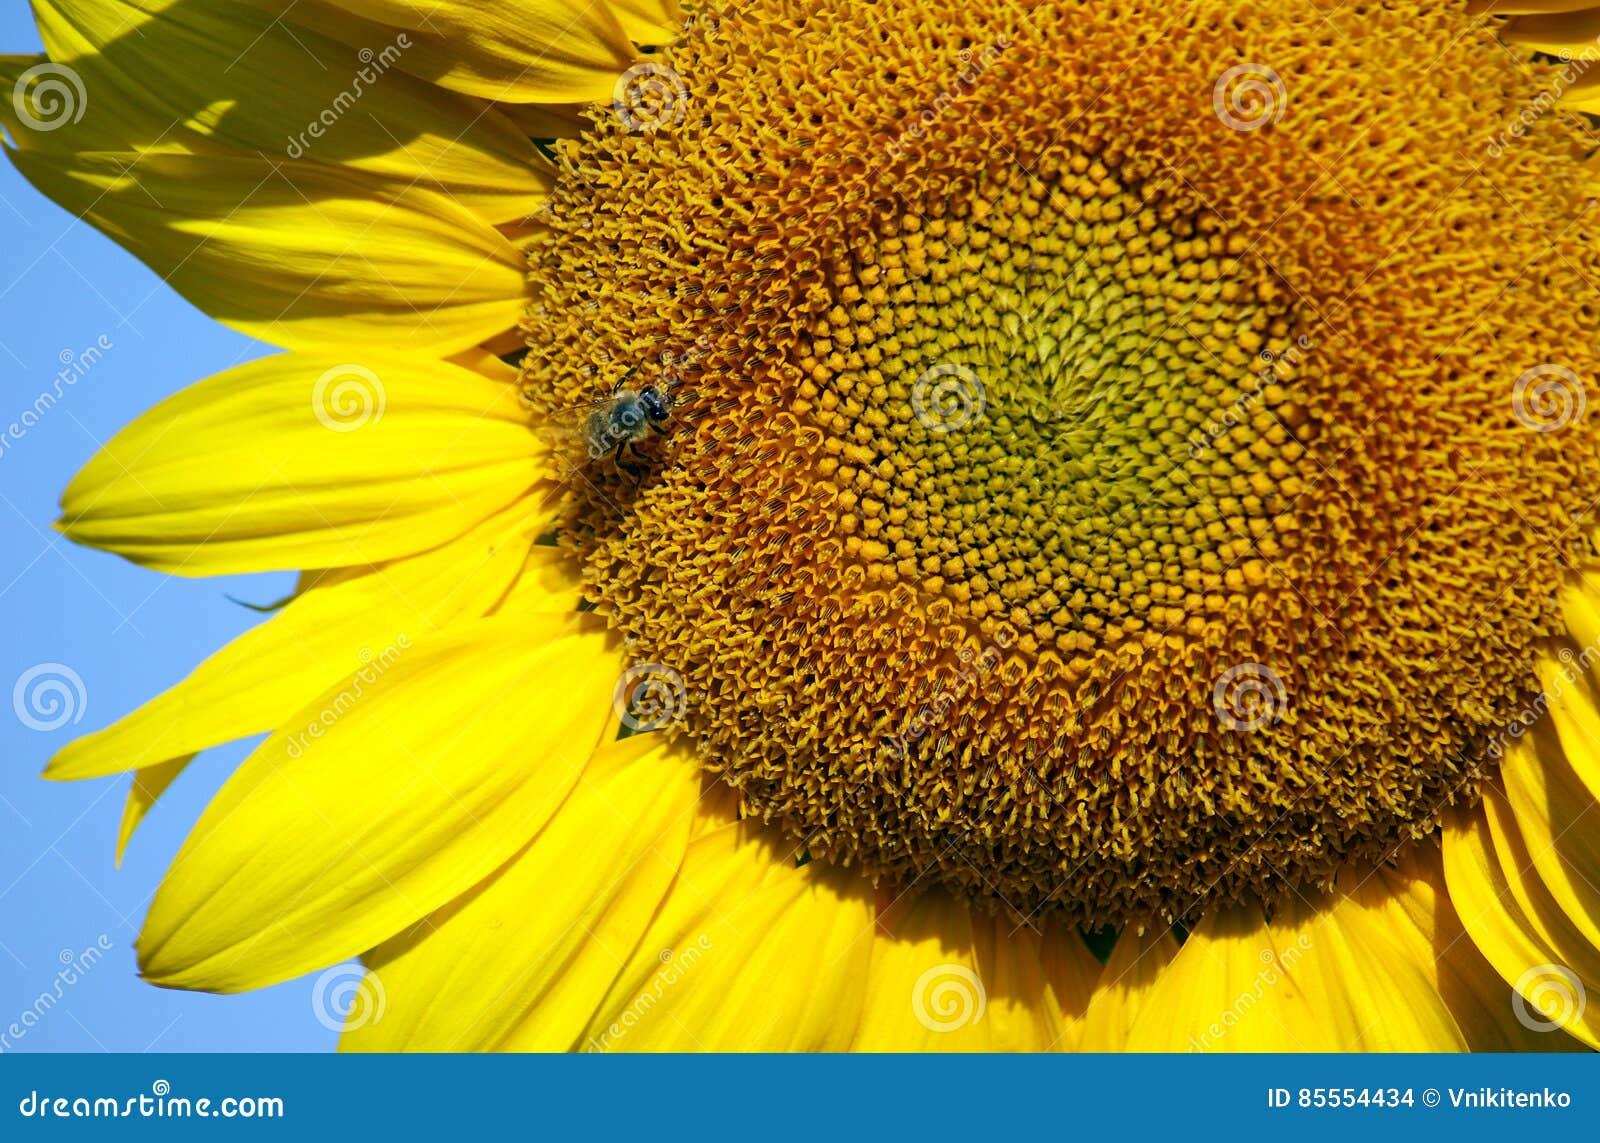 Biene sammelt Nektar und Blütenstaub